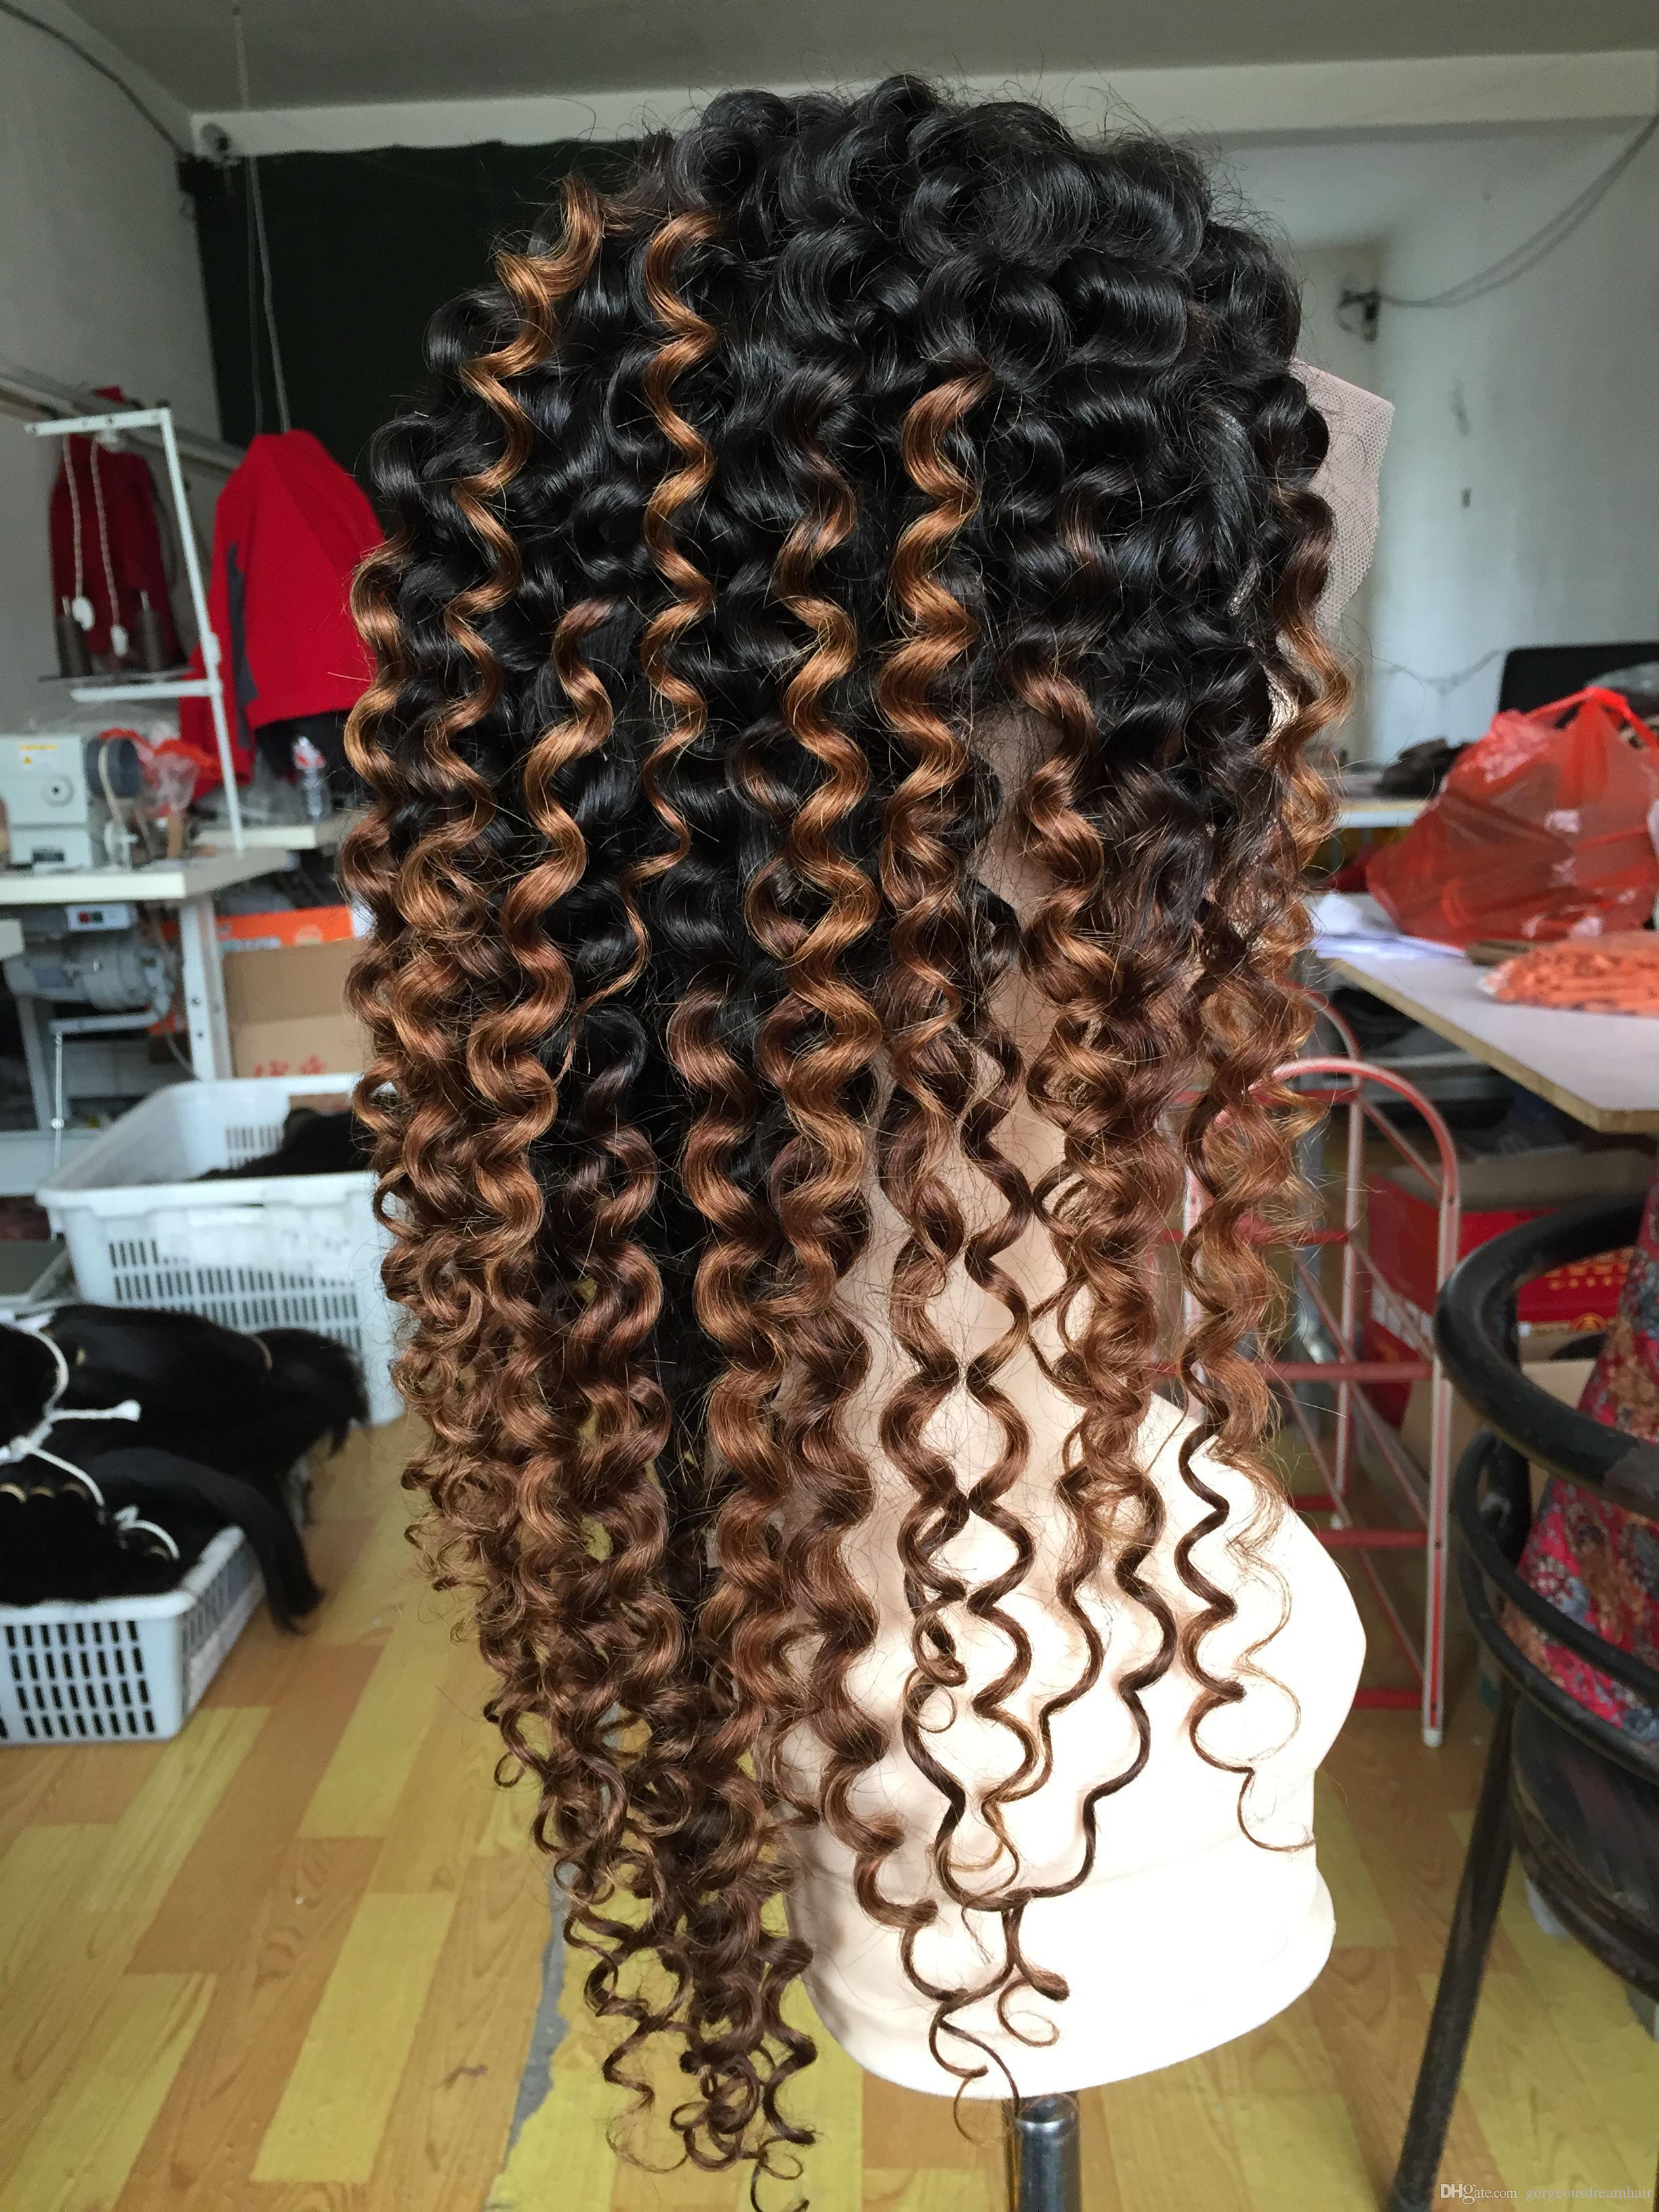 Spedizione gratuita radici scure 1b 30 # ombre marrone crespo ricci crespi parrucche anteriori glueless parrucche anteriori del merletto per le donne nere